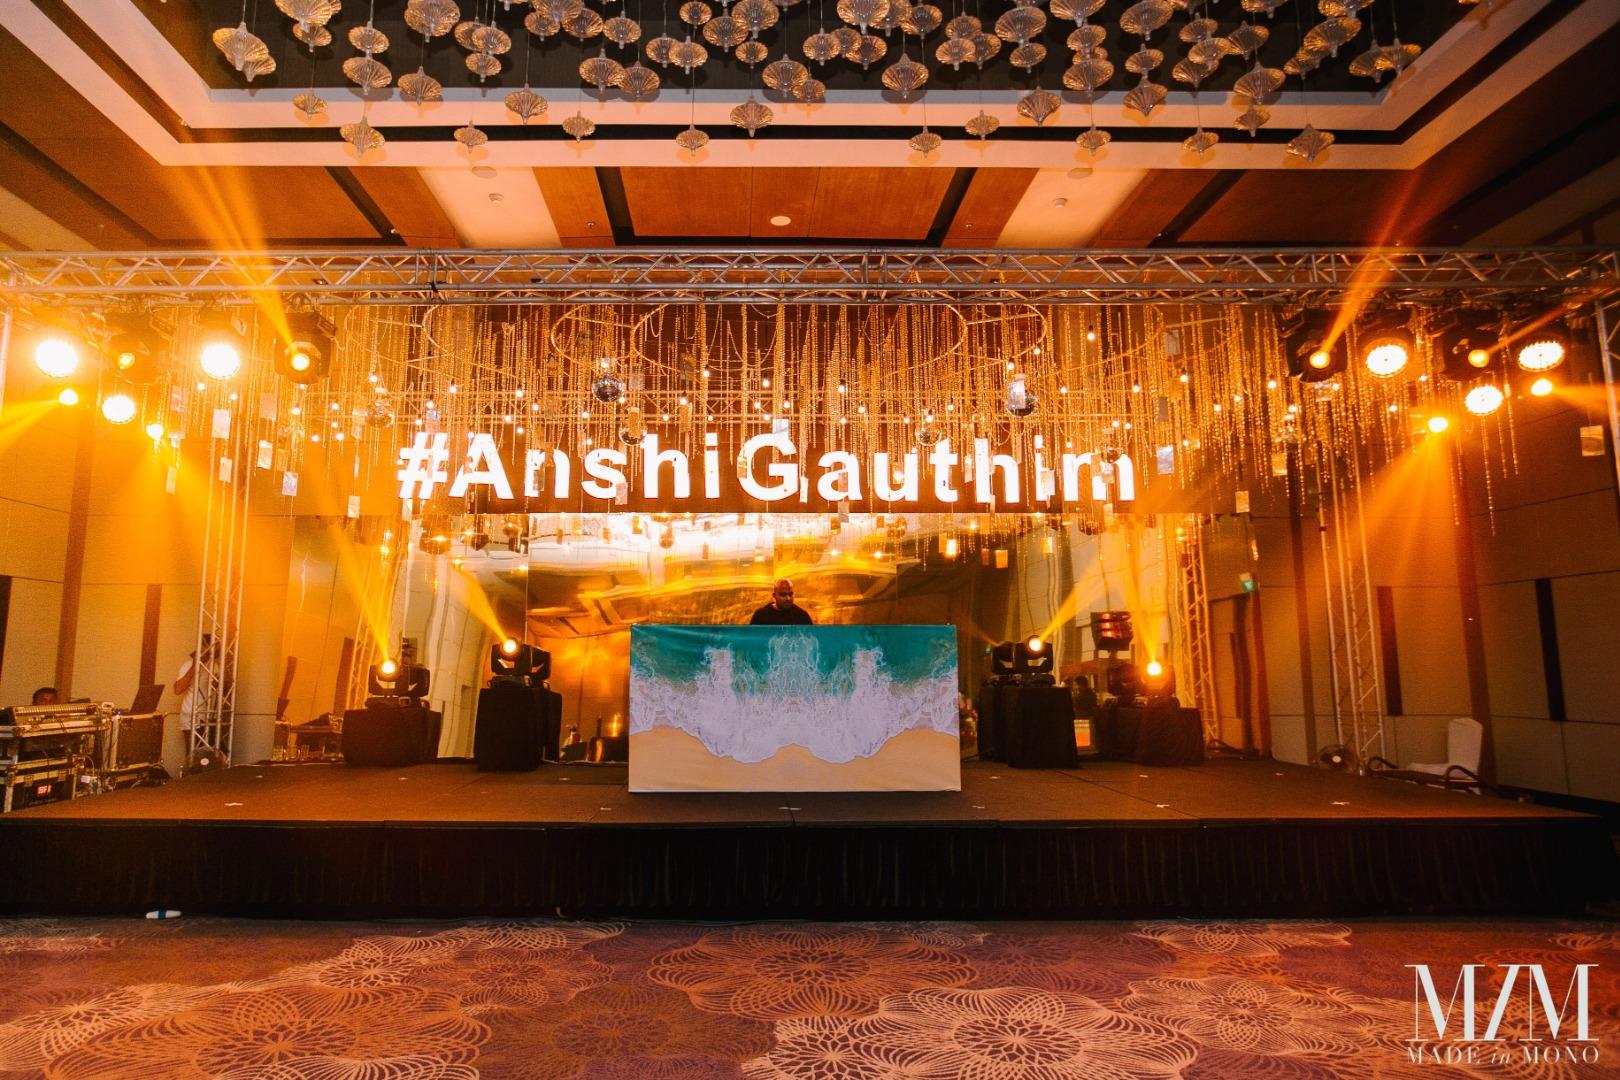 Amazing Wedding Stage Setup